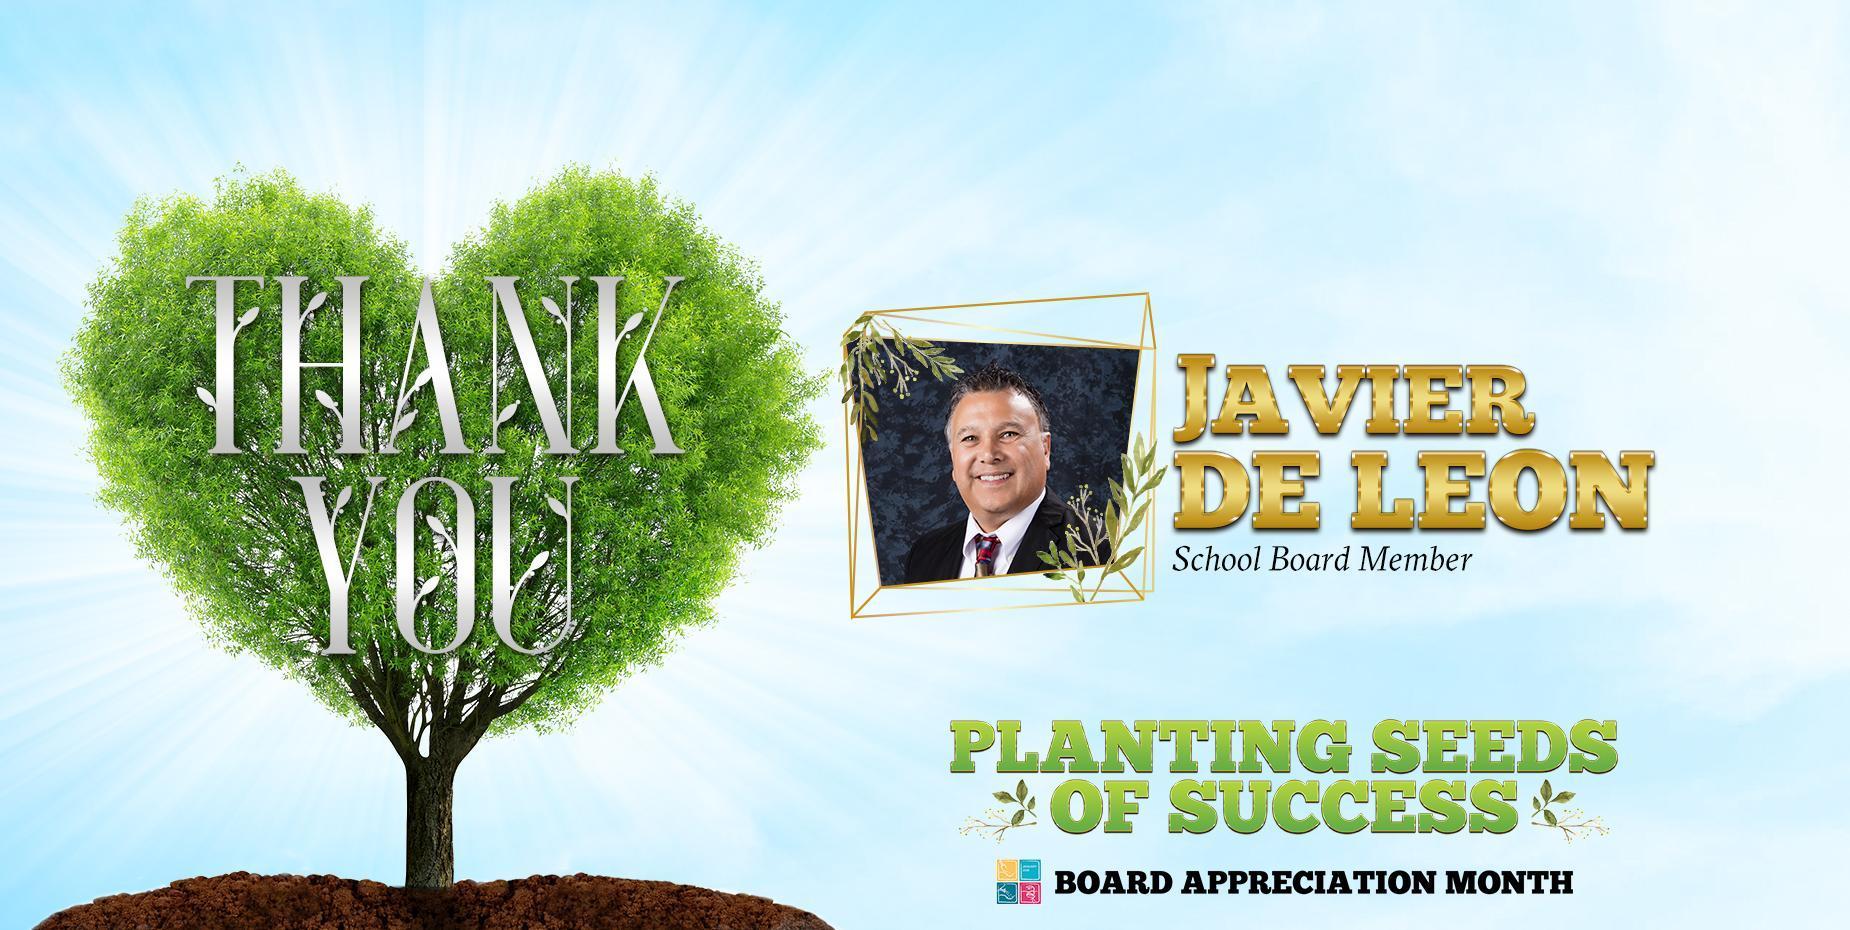 Thank You Javier De Leon